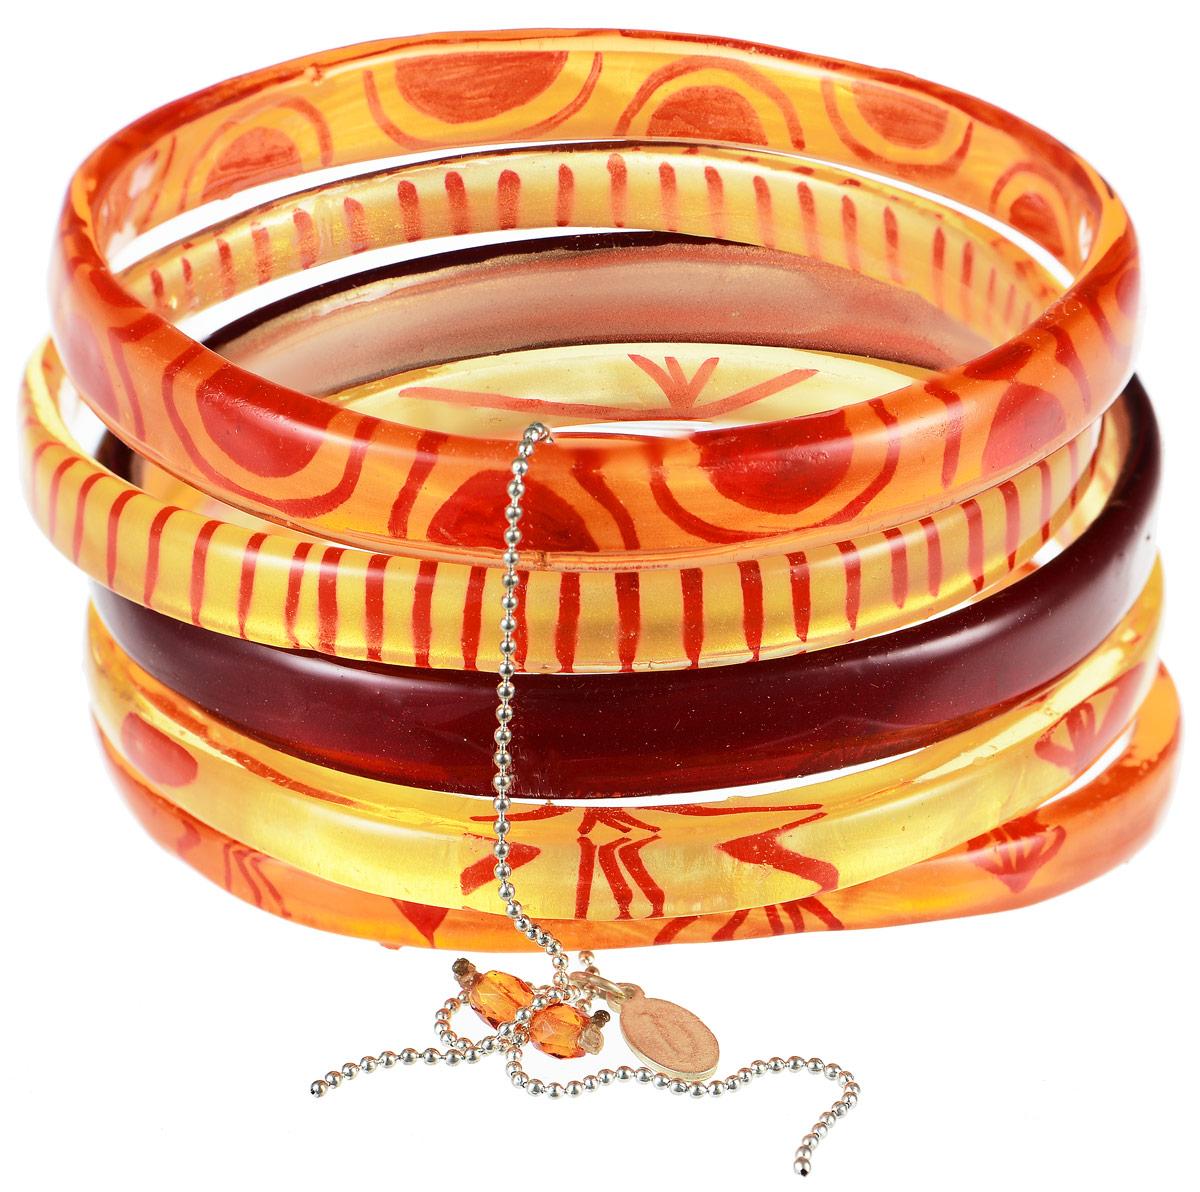 Браслет Lalo Treasures Me & the Others, цвет: оранжевый, красный, желтый. B2433-2Ажурная брошьЯркое комбинированное украшение Lalo Treasures Me & the Others включает пять браслетов, выполненных из ювелирной смолы. Изделия оформлены оригинальными орнаментами.Стильный браслет поможет дополнить любой образ и привнести в него завершающий яркий штрих.